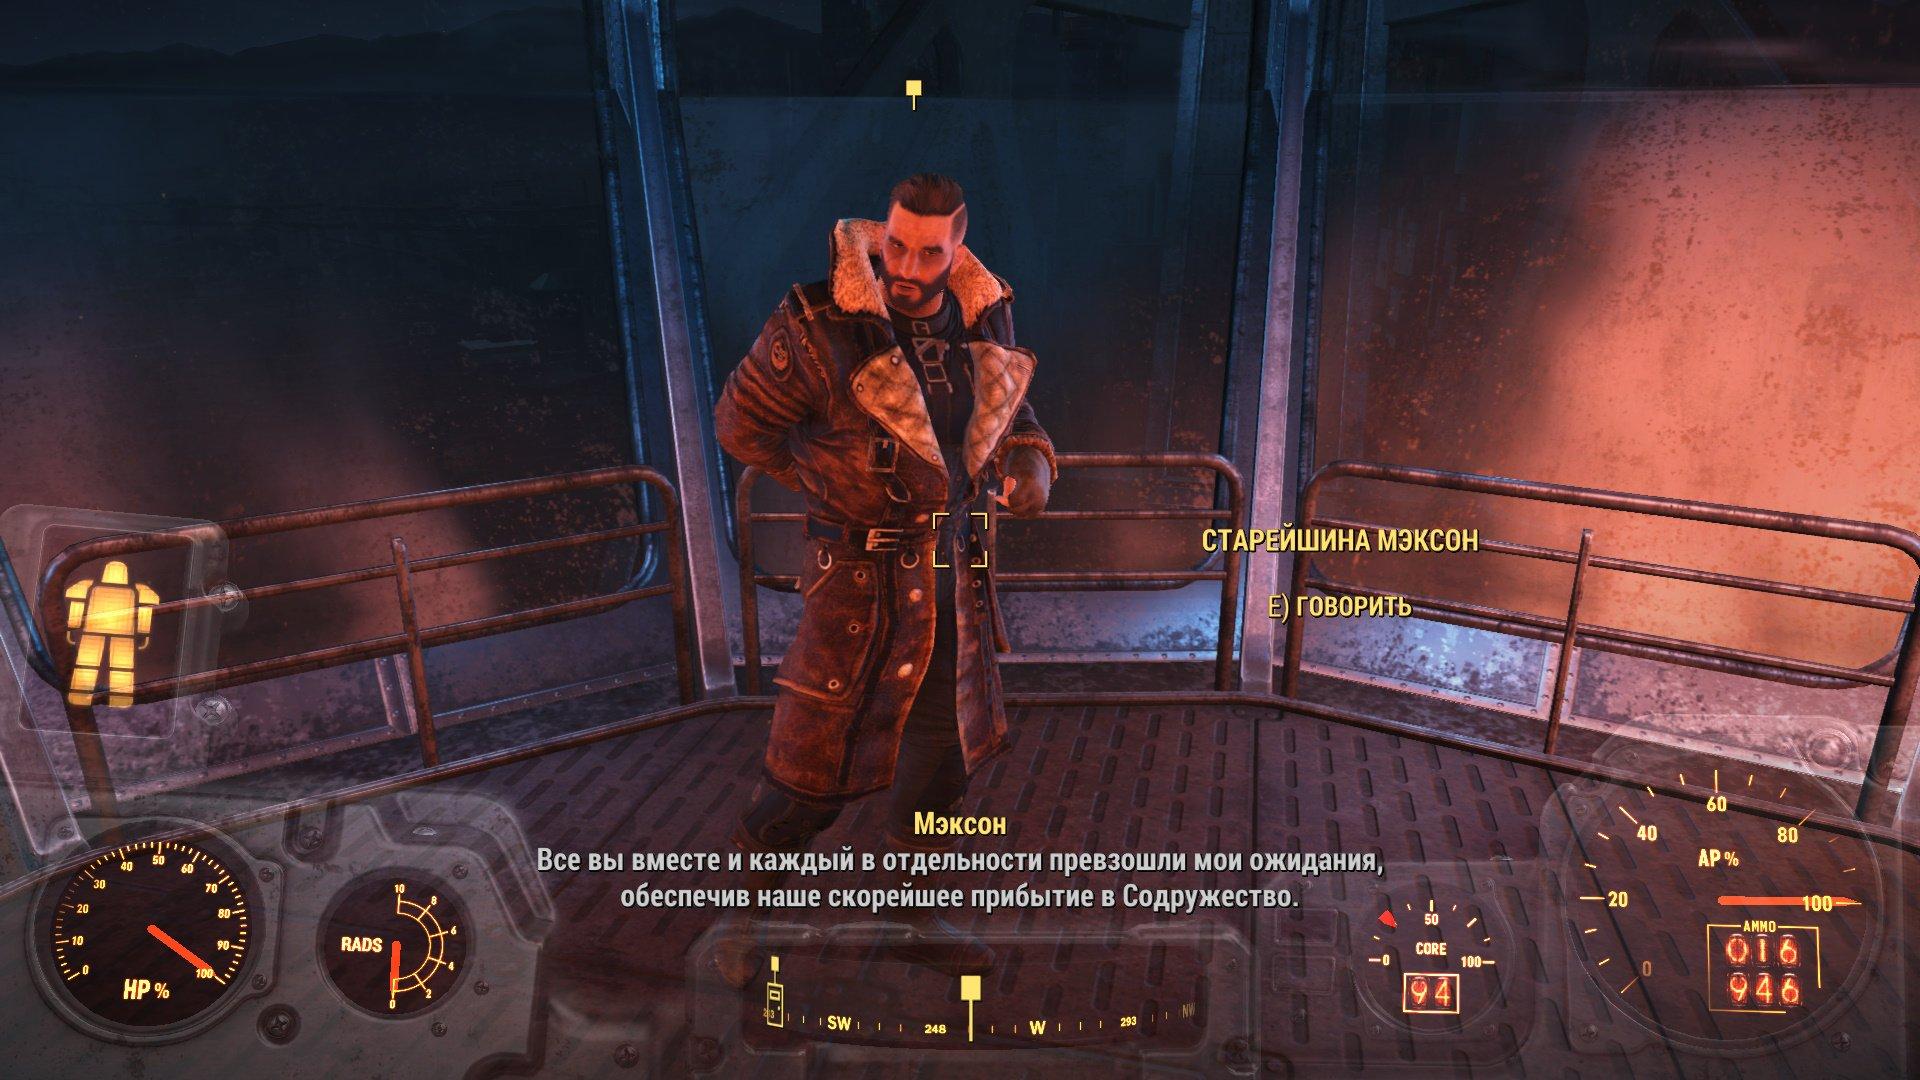 Сравнительный анализ (на самом деле нет) Fallout New Vegas vs. Fallout 4 (часть 1). - Изображение 13